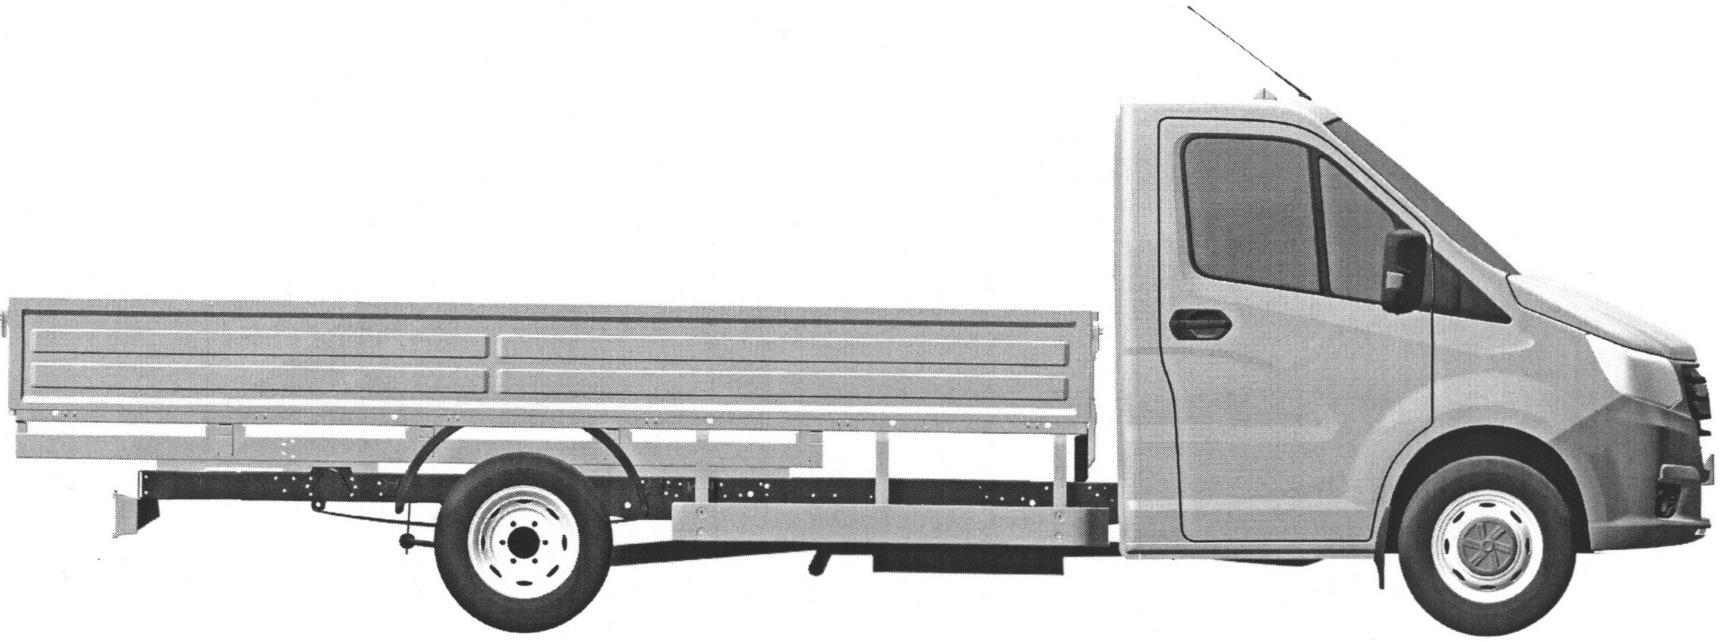 ГАЗ запатентовал новый грузовик и автобус City